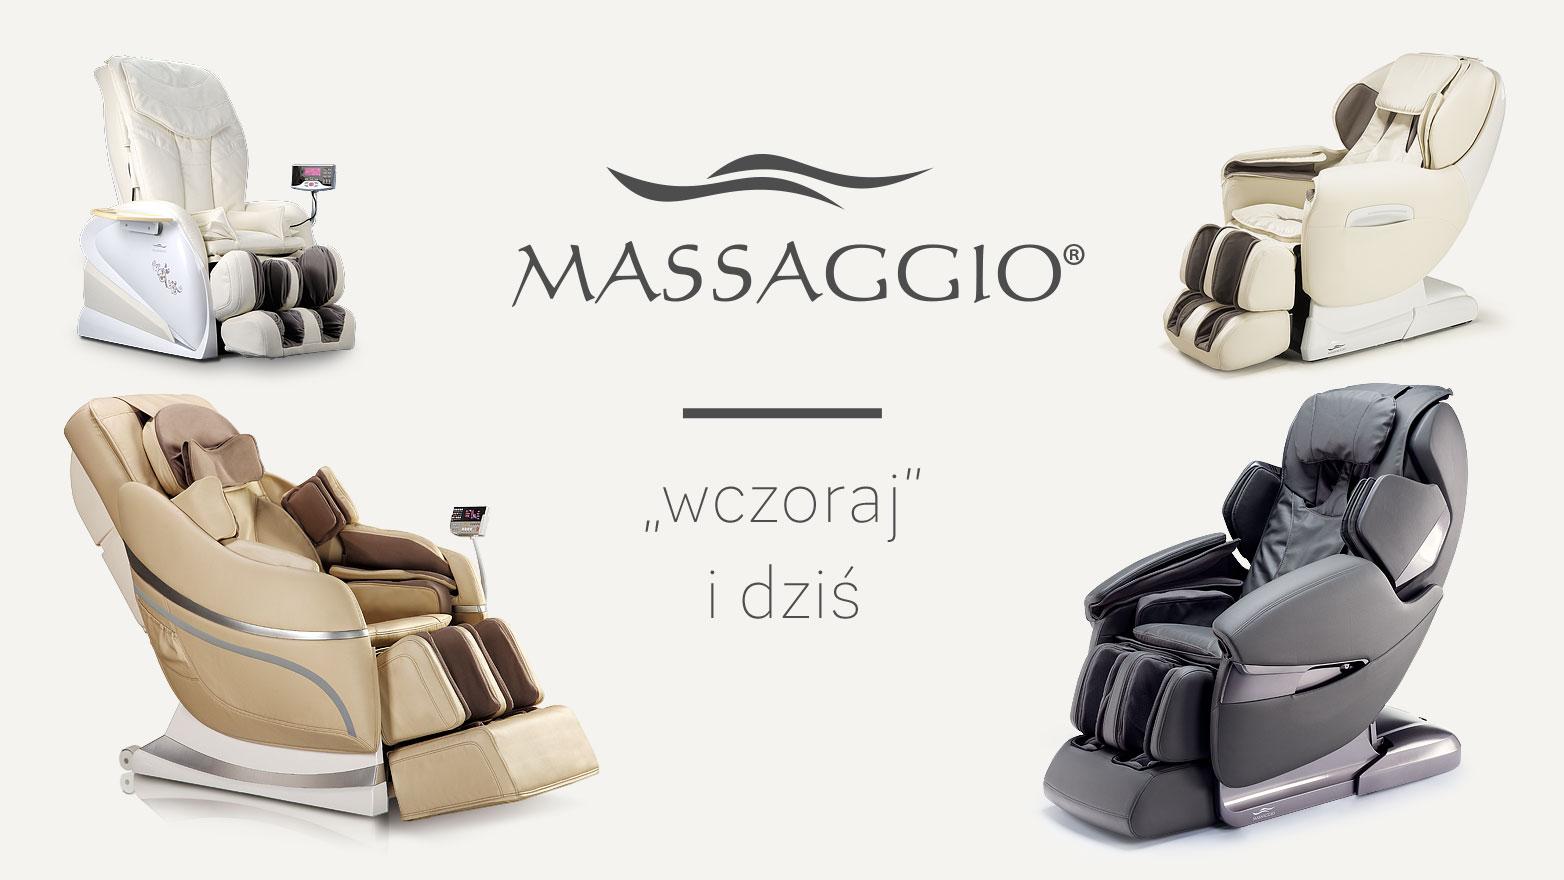 Massaggio wczoraj i dziś